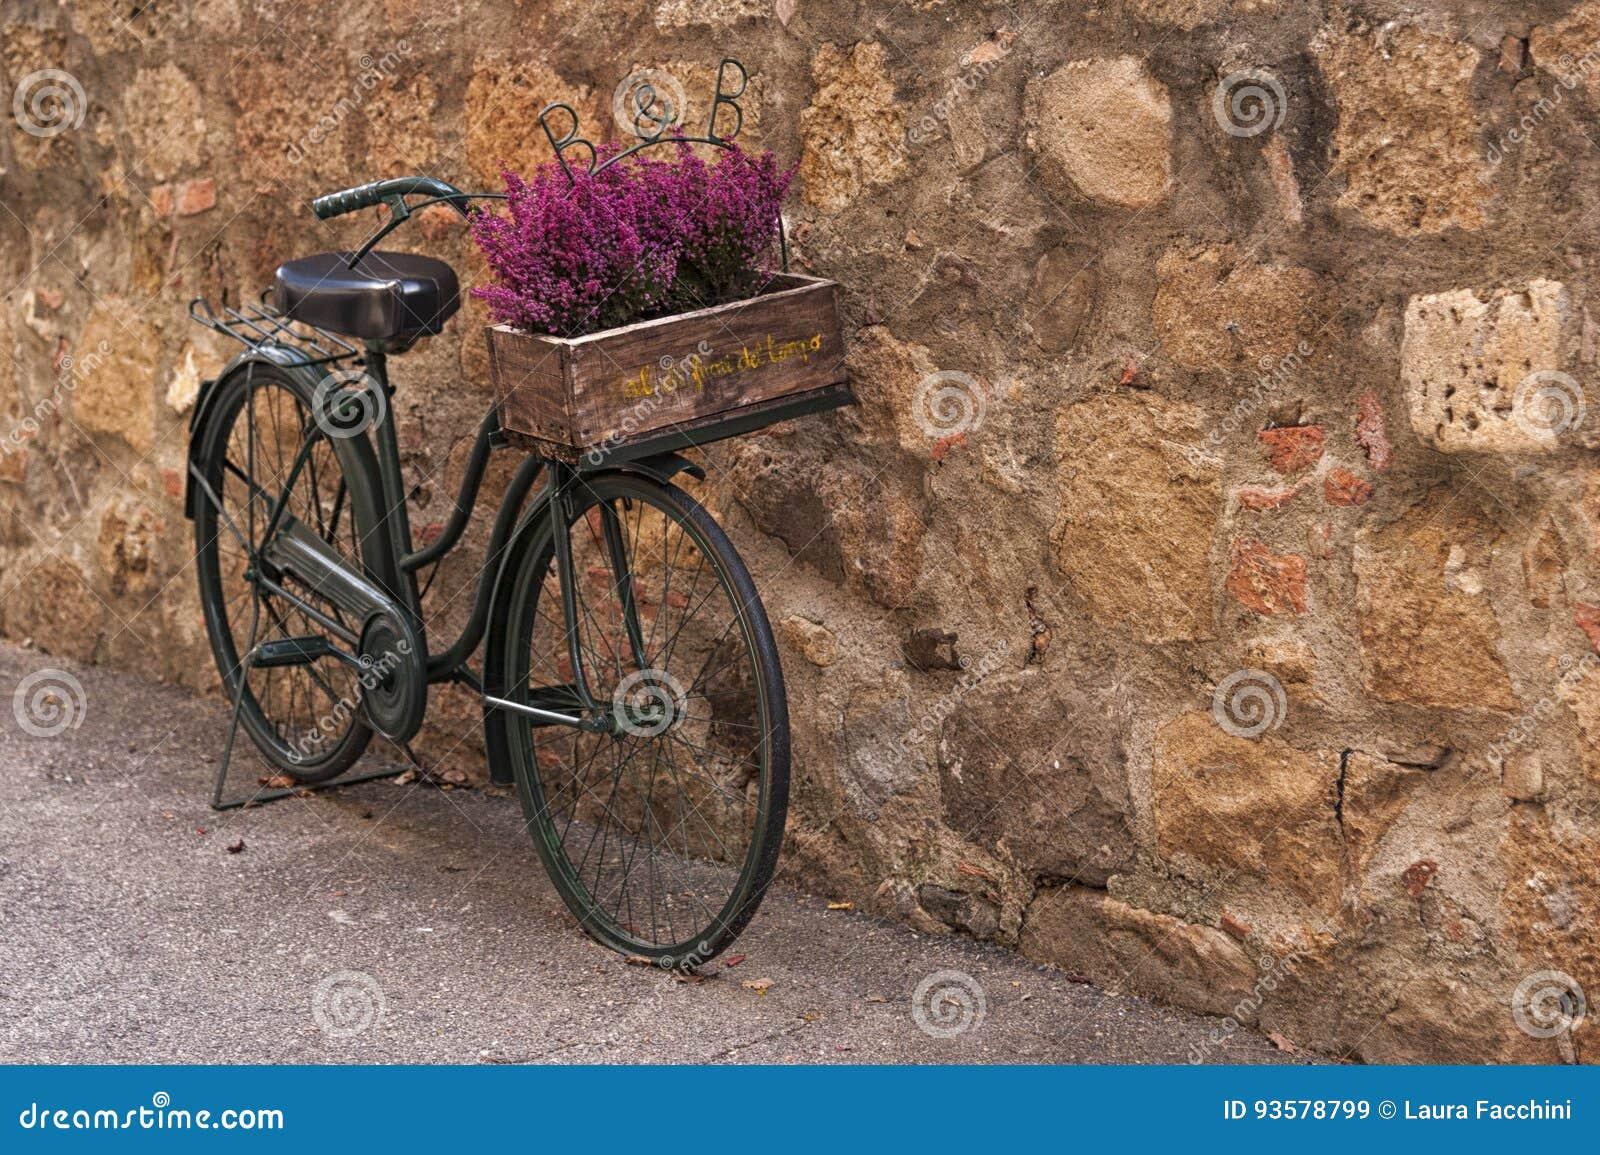 Montichiello - Italië, 29 Oktober, 2016: Een mooie fiets met bloemen in een stille straat in Montichiello, Toscanië